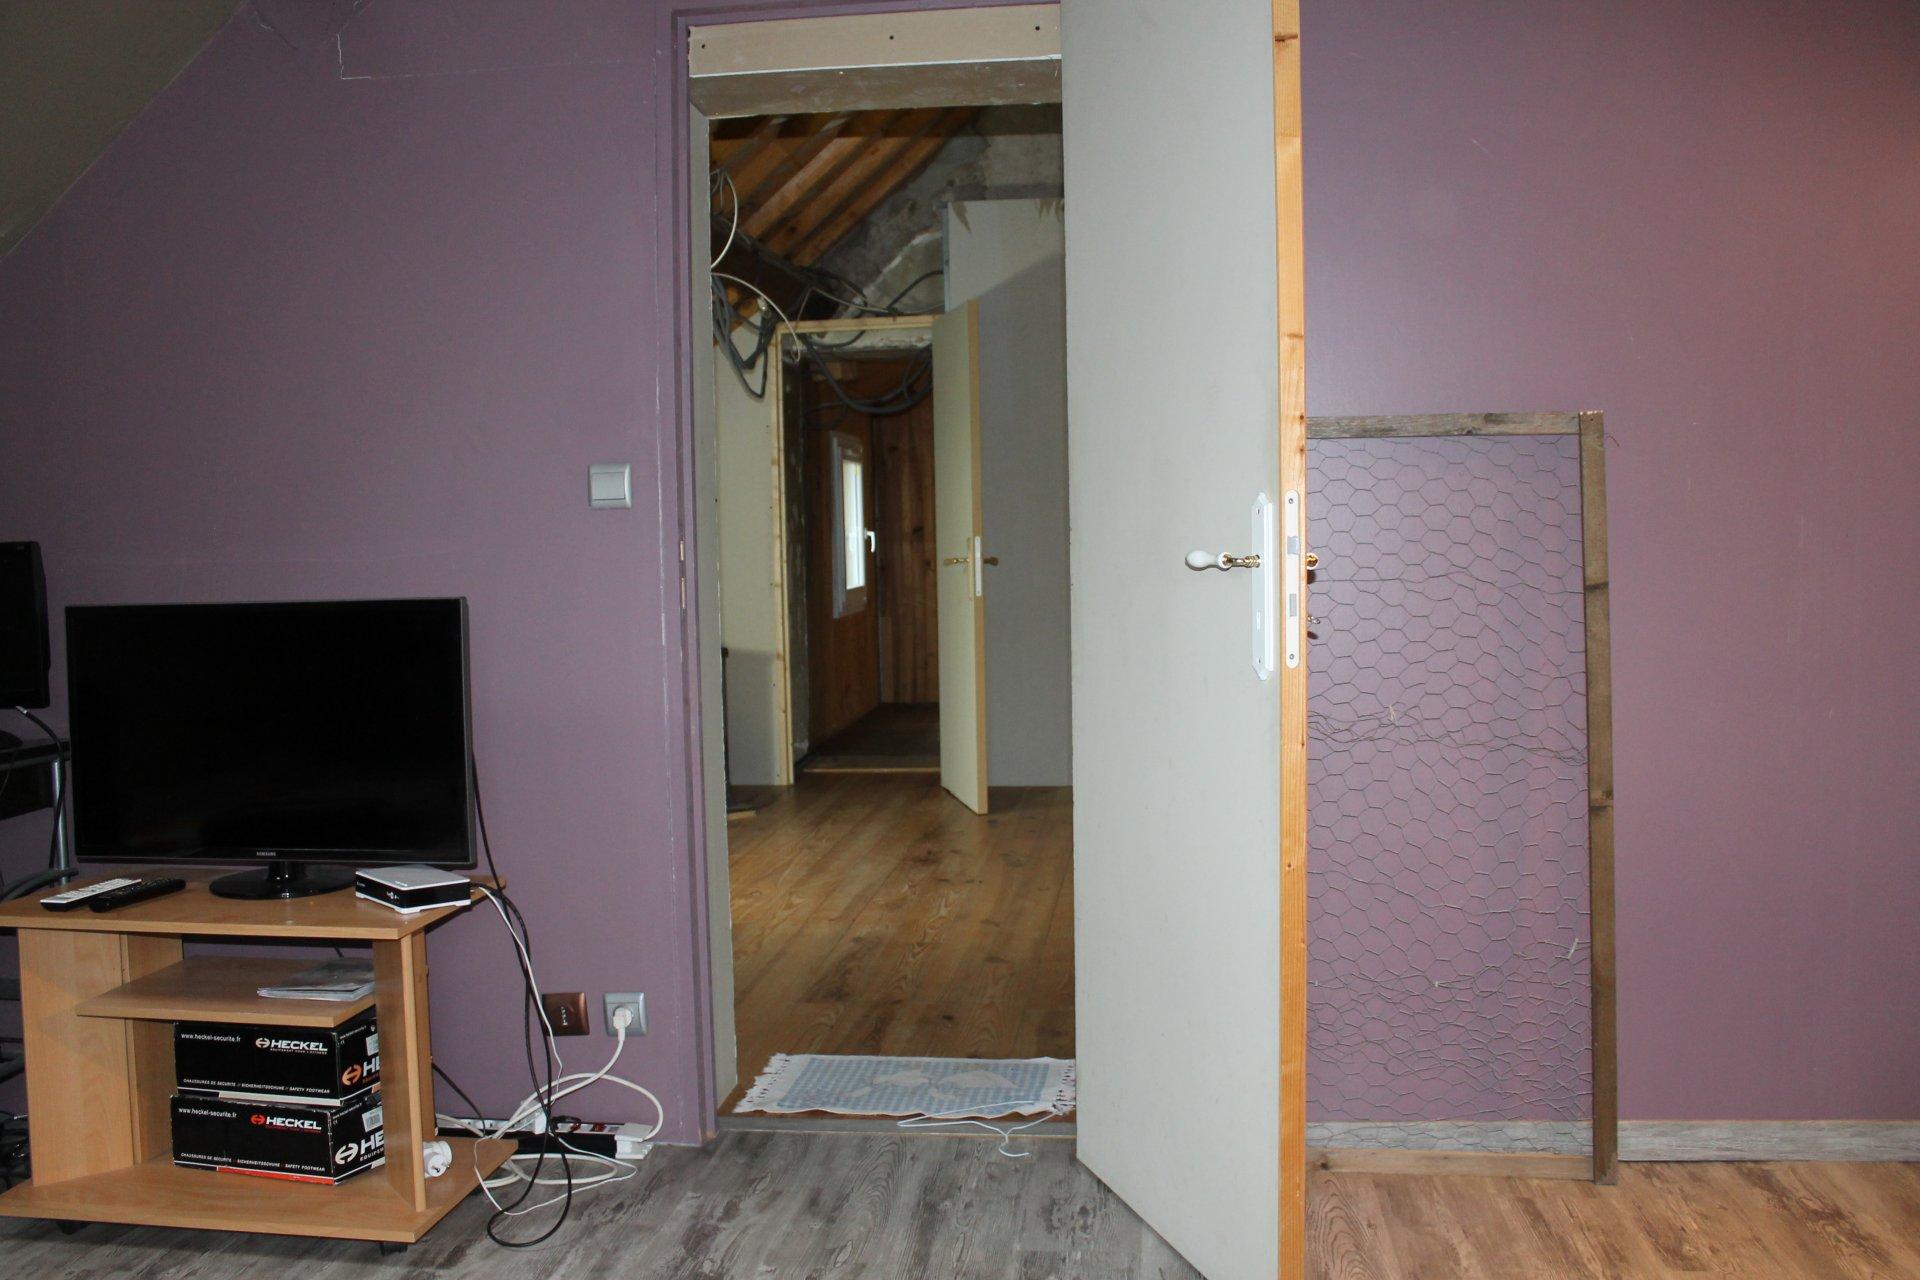 Maison à rénover à vendre dans le Morvan, région Bourgogne